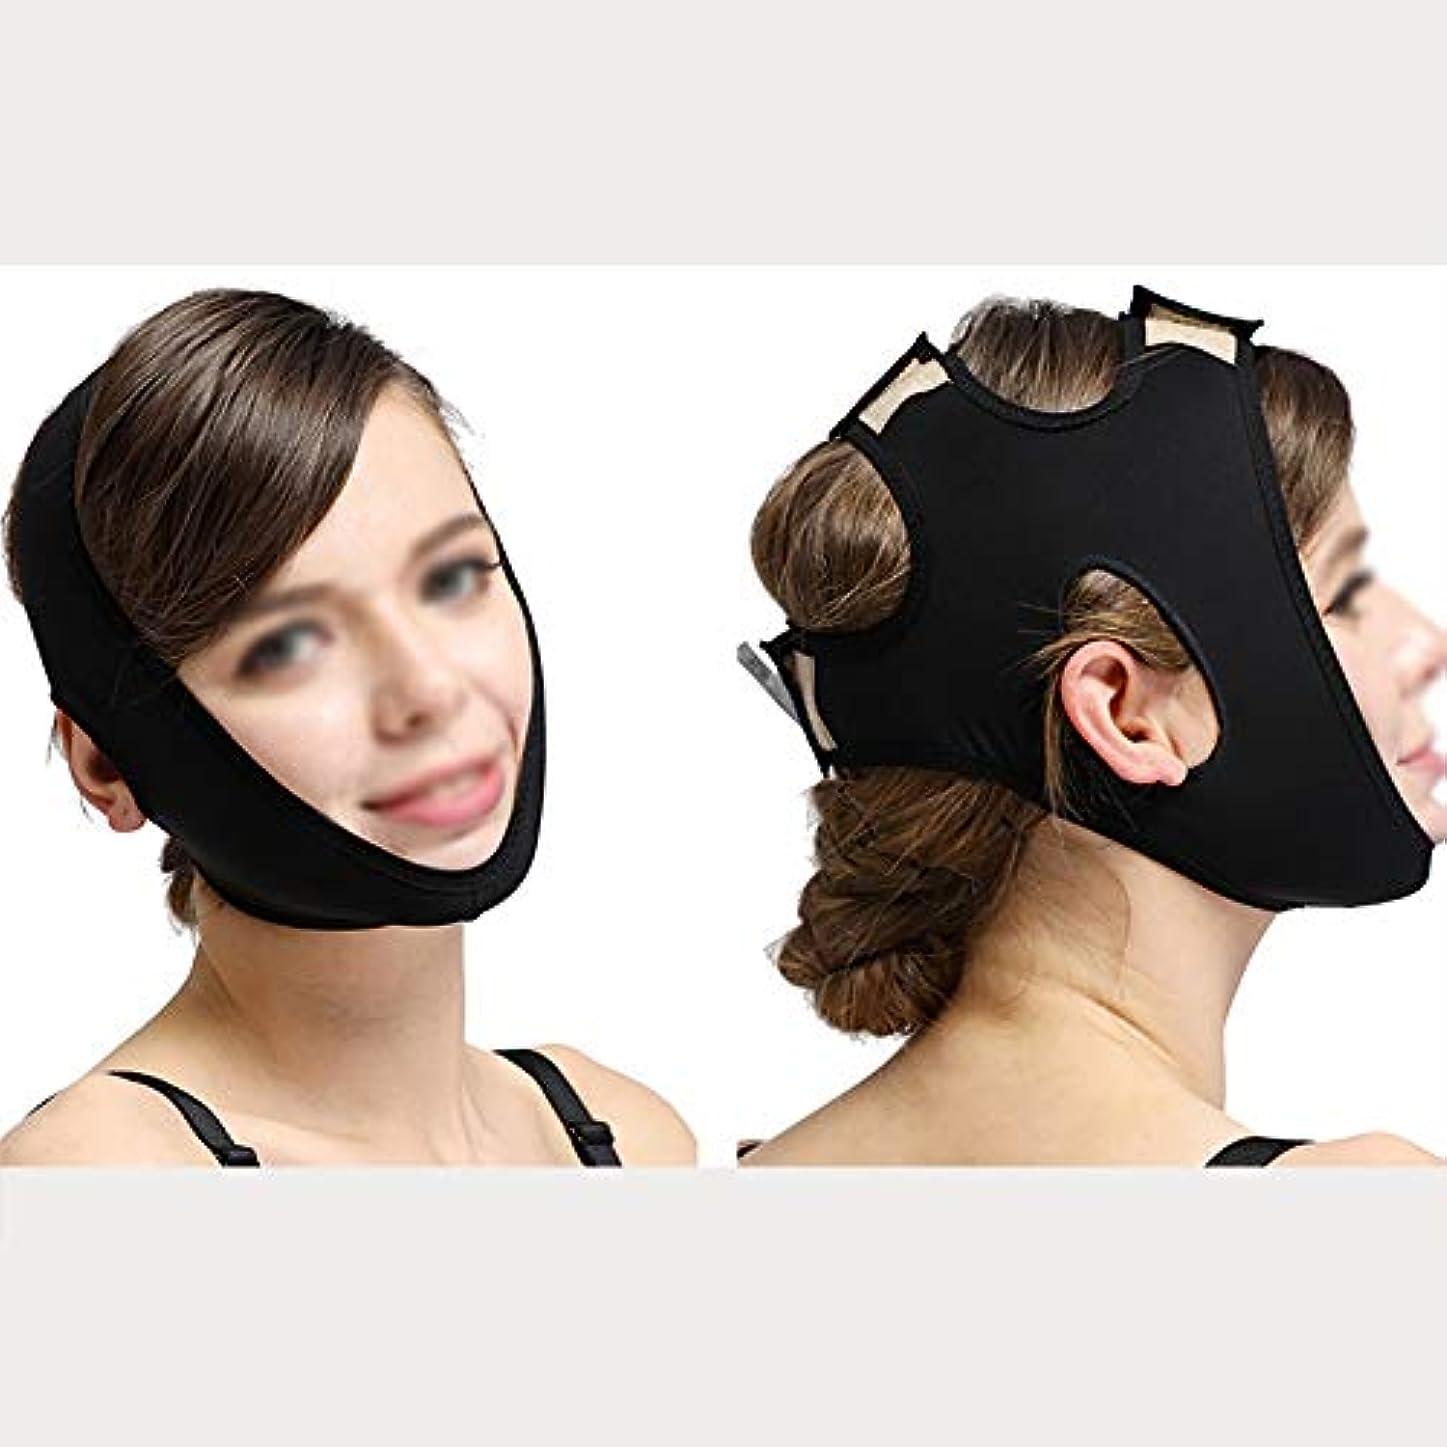 剥離塩辛い減衰顔面彫刻ツール、脂肪吸引フード、あご加圧、ストレッチマスク (Color : Black, Size : XL)